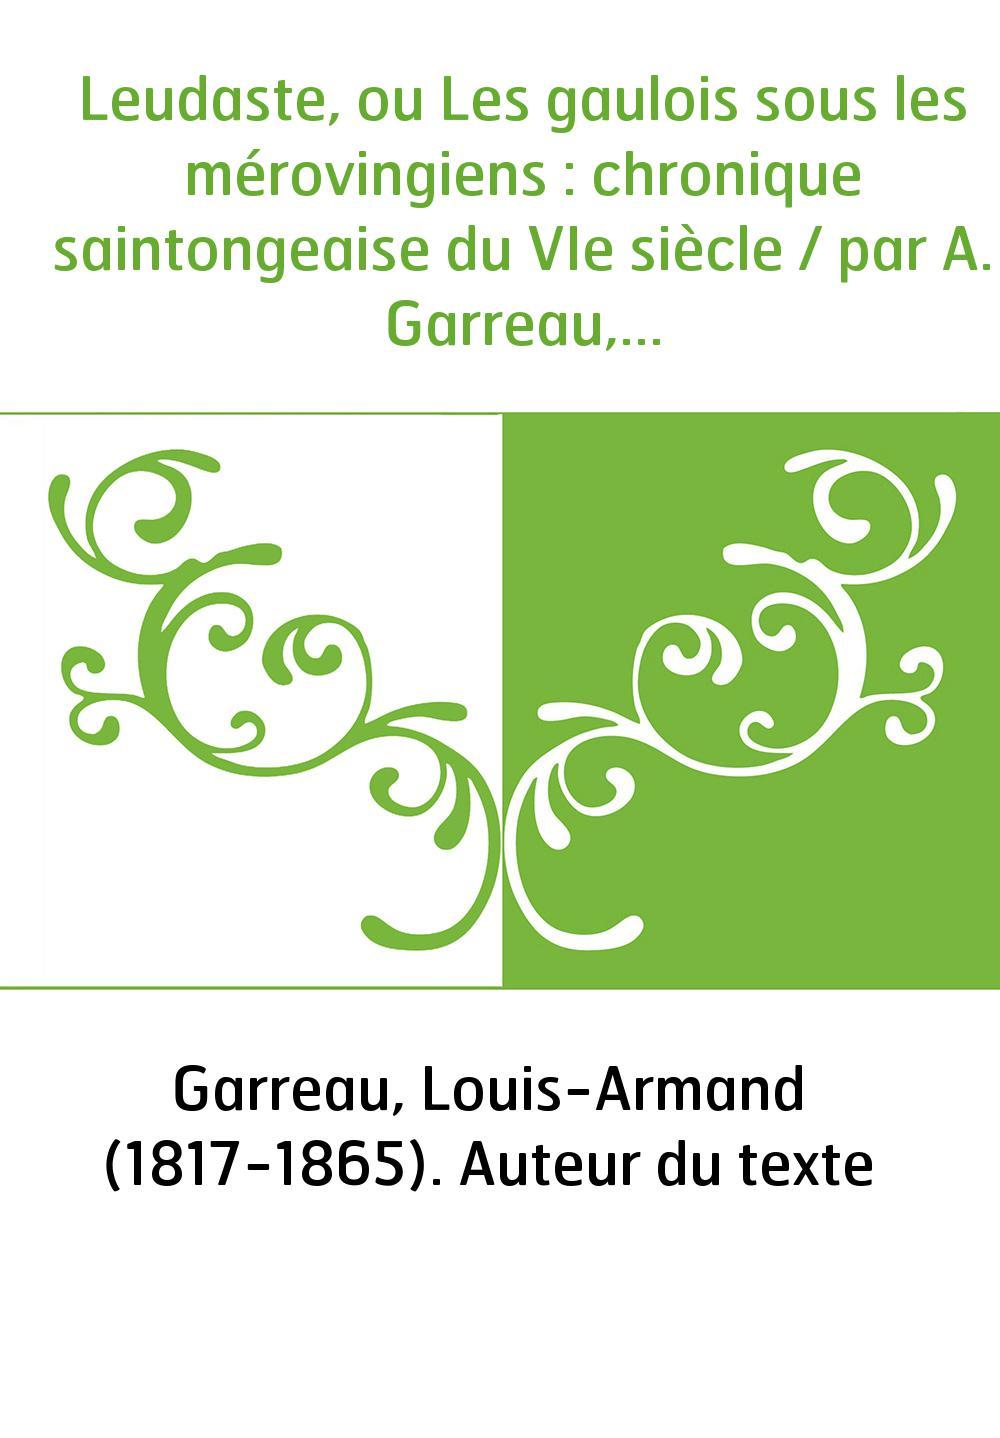 Leudaste, ou Les gaulois sous les mérovingiens : chronique saintongeaise du VIe siècle / par A. Garreau,...